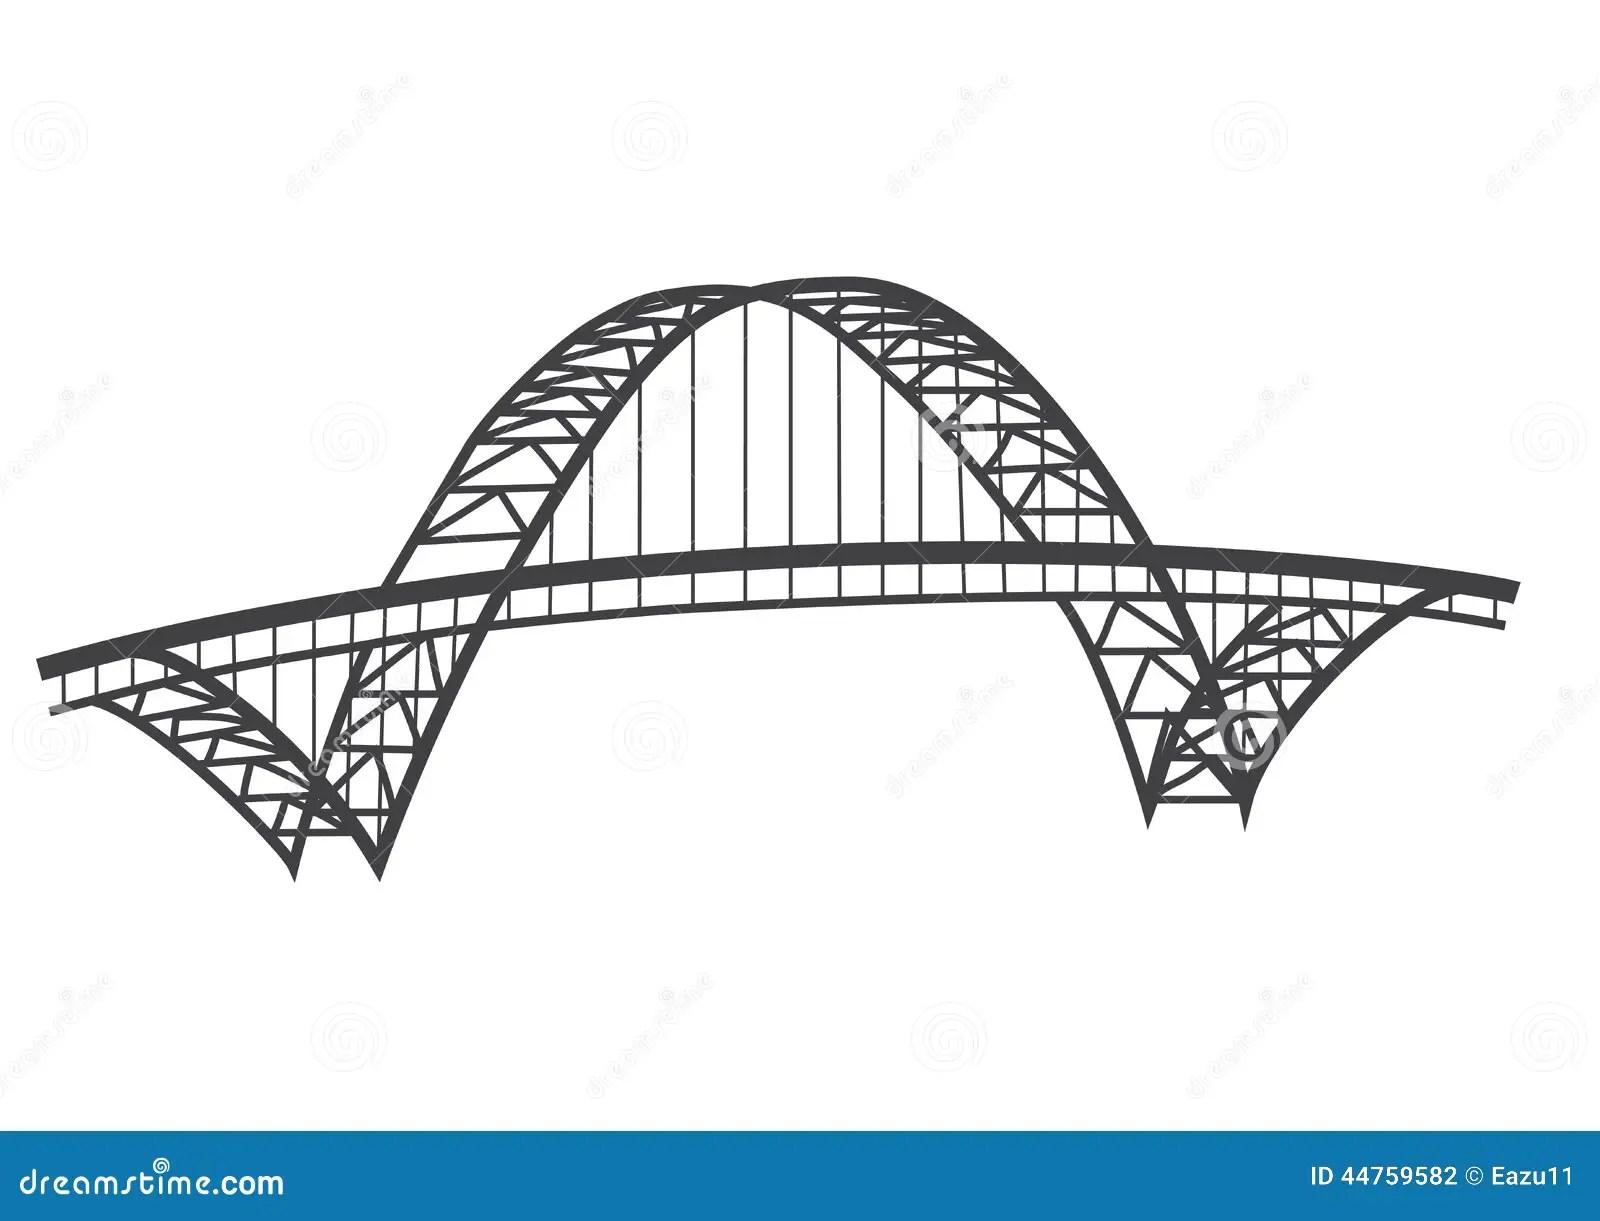 De Tekening Van De Fremontbrug Stock Illustratie